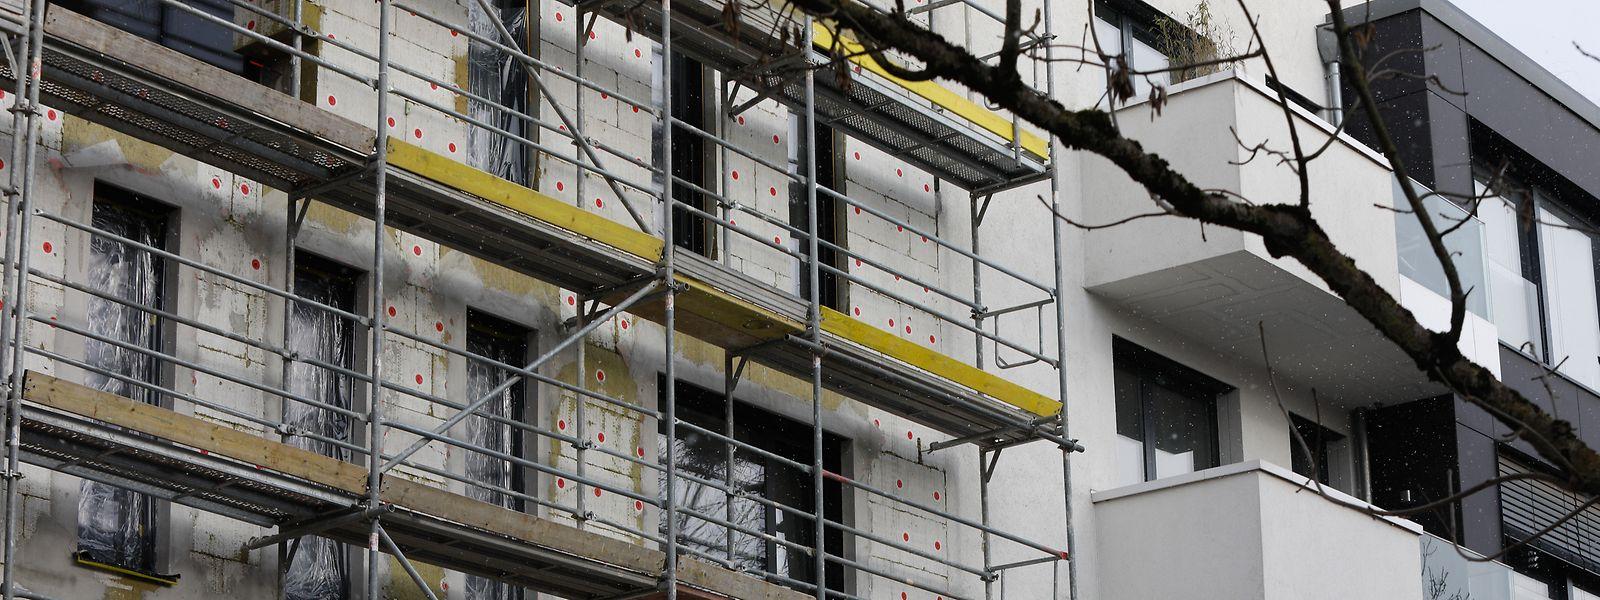 Die beiden öffentlichen Bauträger Fonds du logement und SNHBM sind zuversichtlich, dass sie ihre Produktivität in den kommenden Jahren steigern werden.